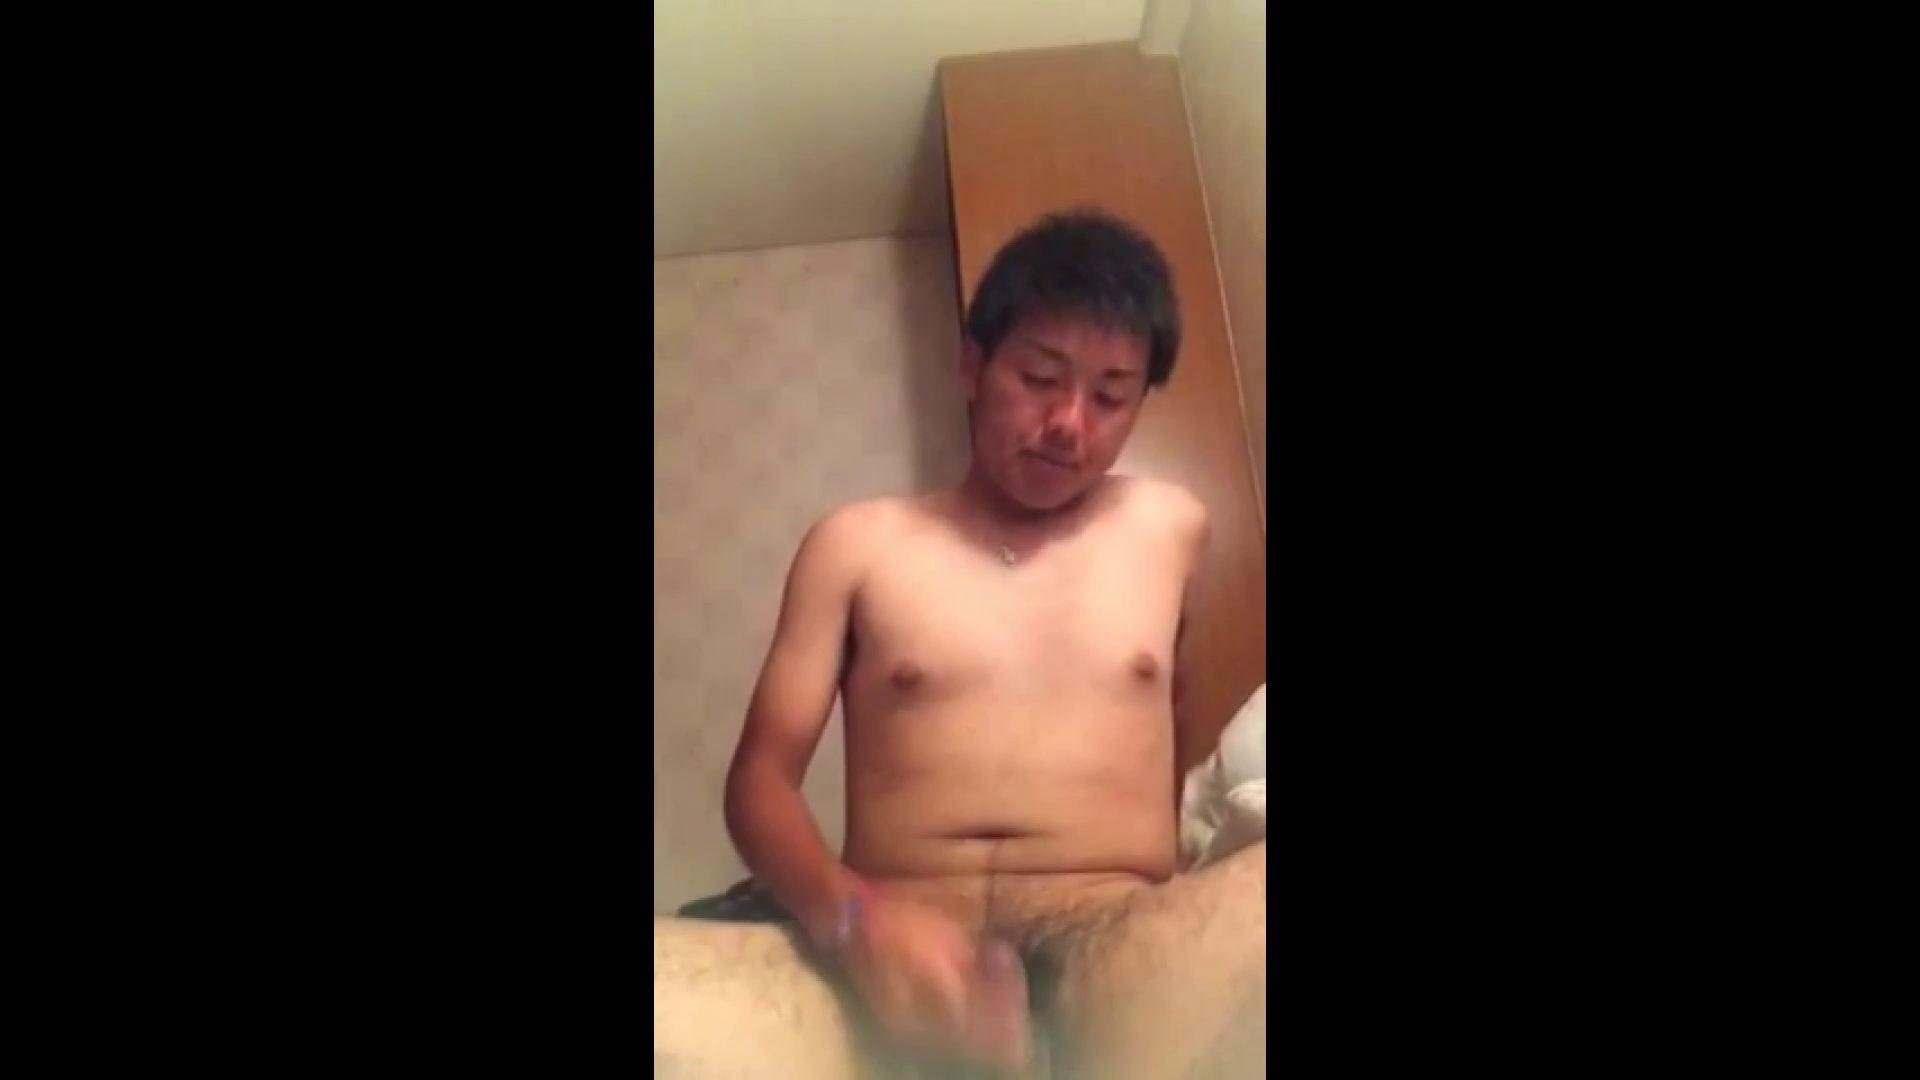 キター!ノンケちゃんオナニー特集vol.29 モザイク無し ゲイ無修正ビデオ画像 107pic 27